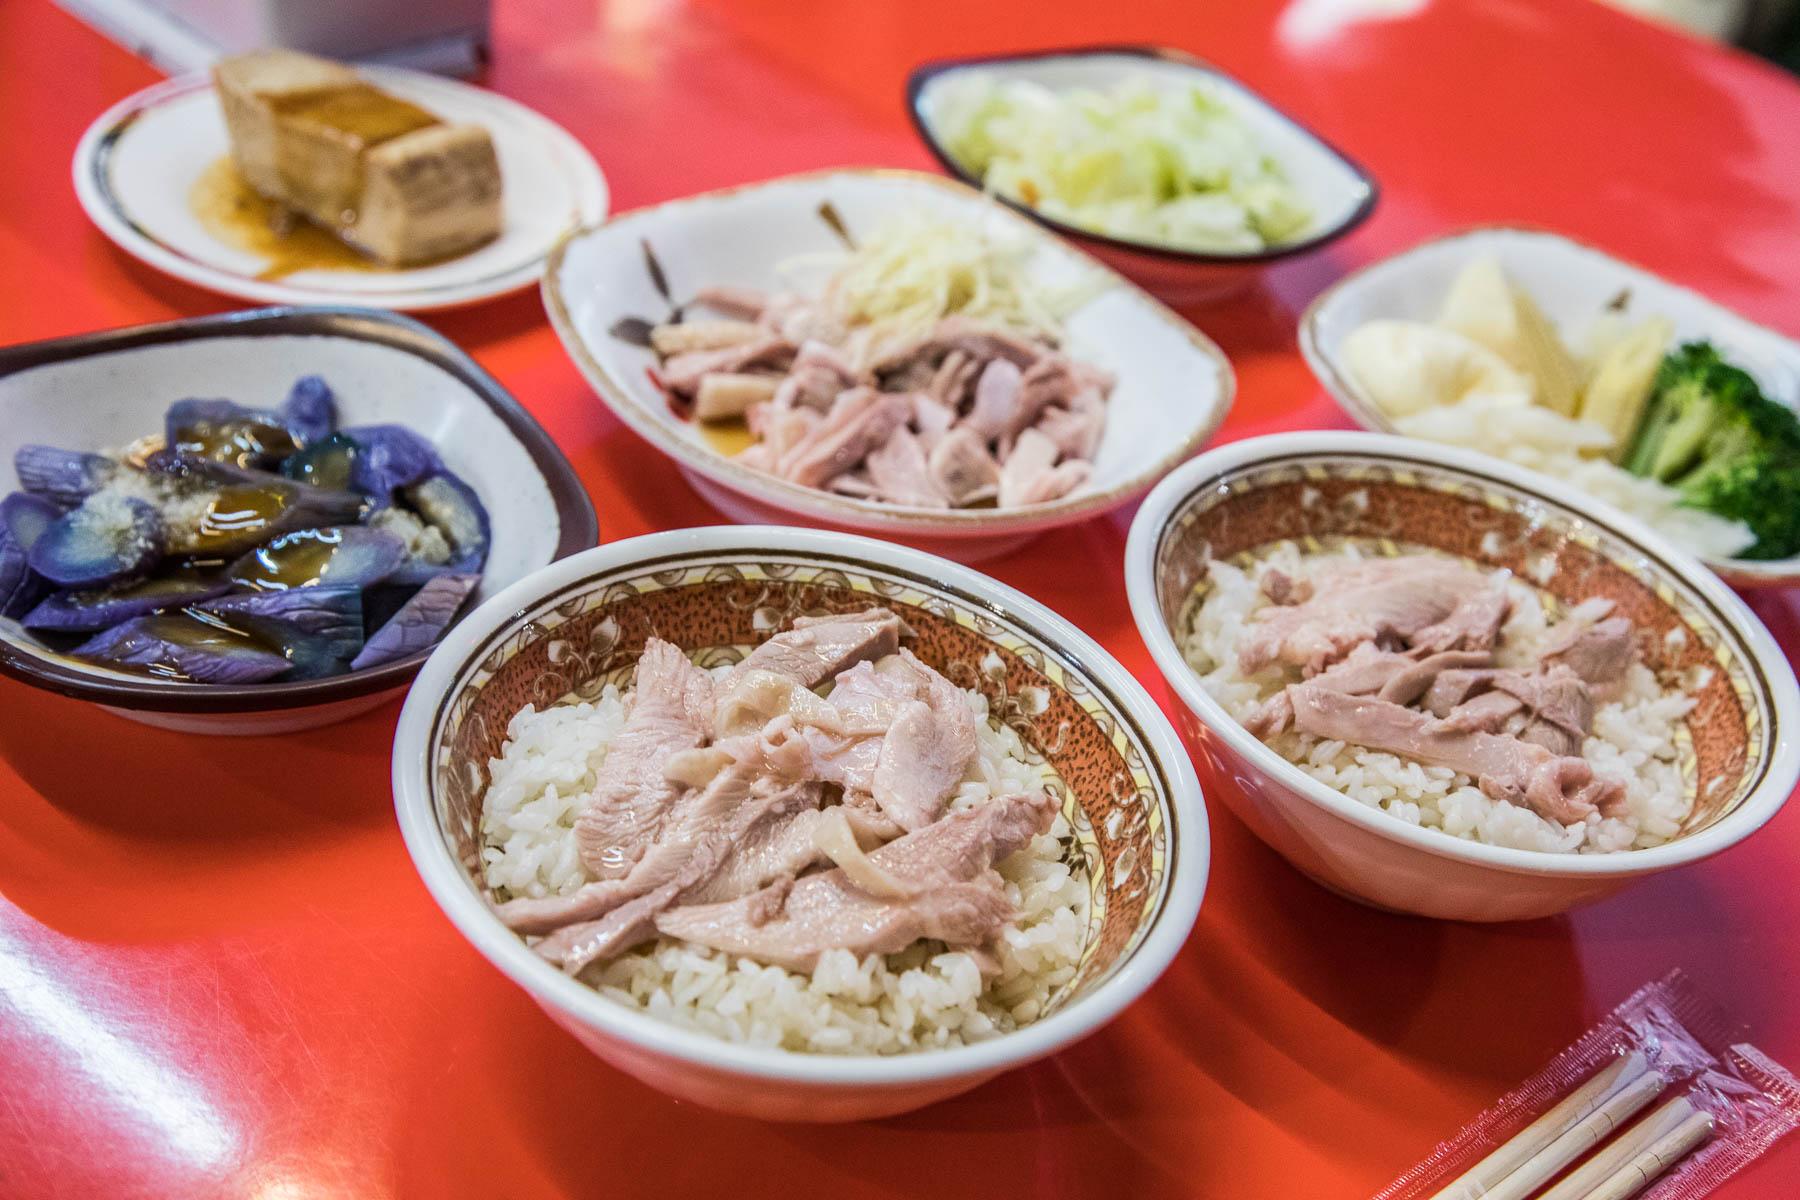 [嘉義美食]嫩而不柴雞片飯,吃不爽單點火雞肉切盤包你爽!林家火雞肉飯